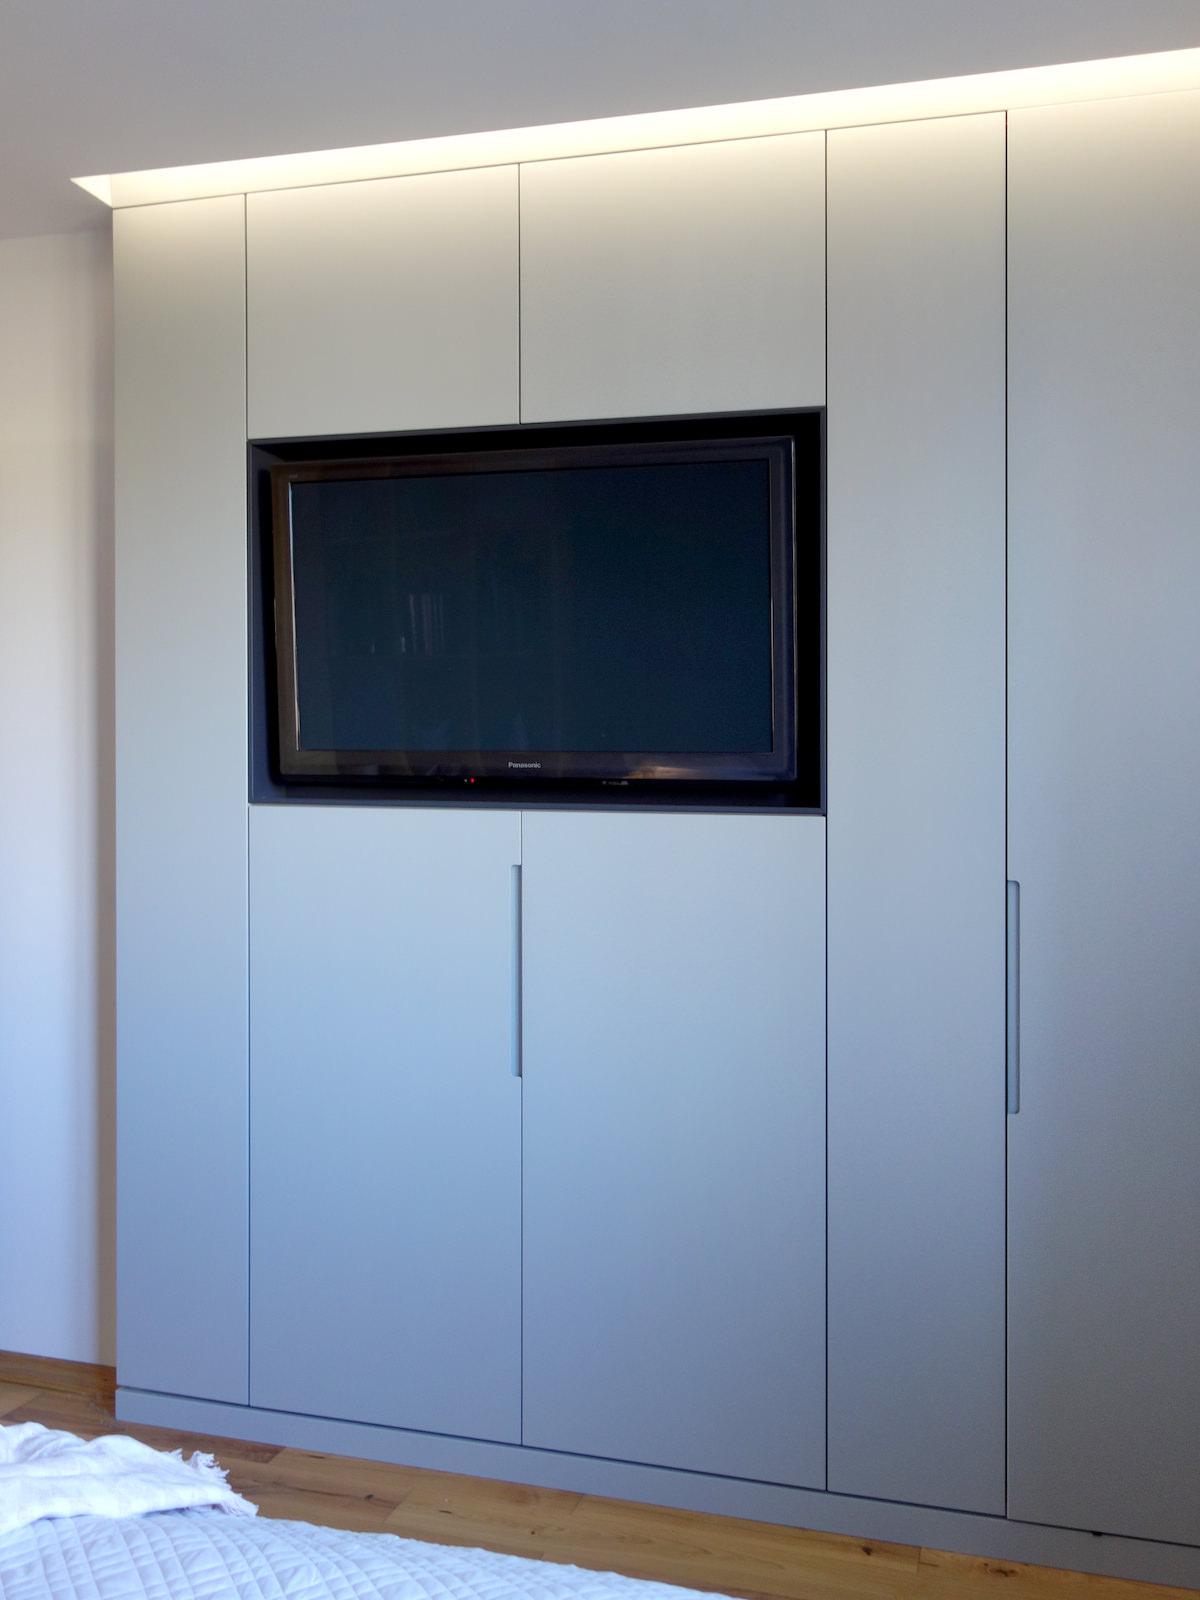 7 projektowanie wnetrz R034 dom katowice sypialnia telewizor w zabudowie meblowej